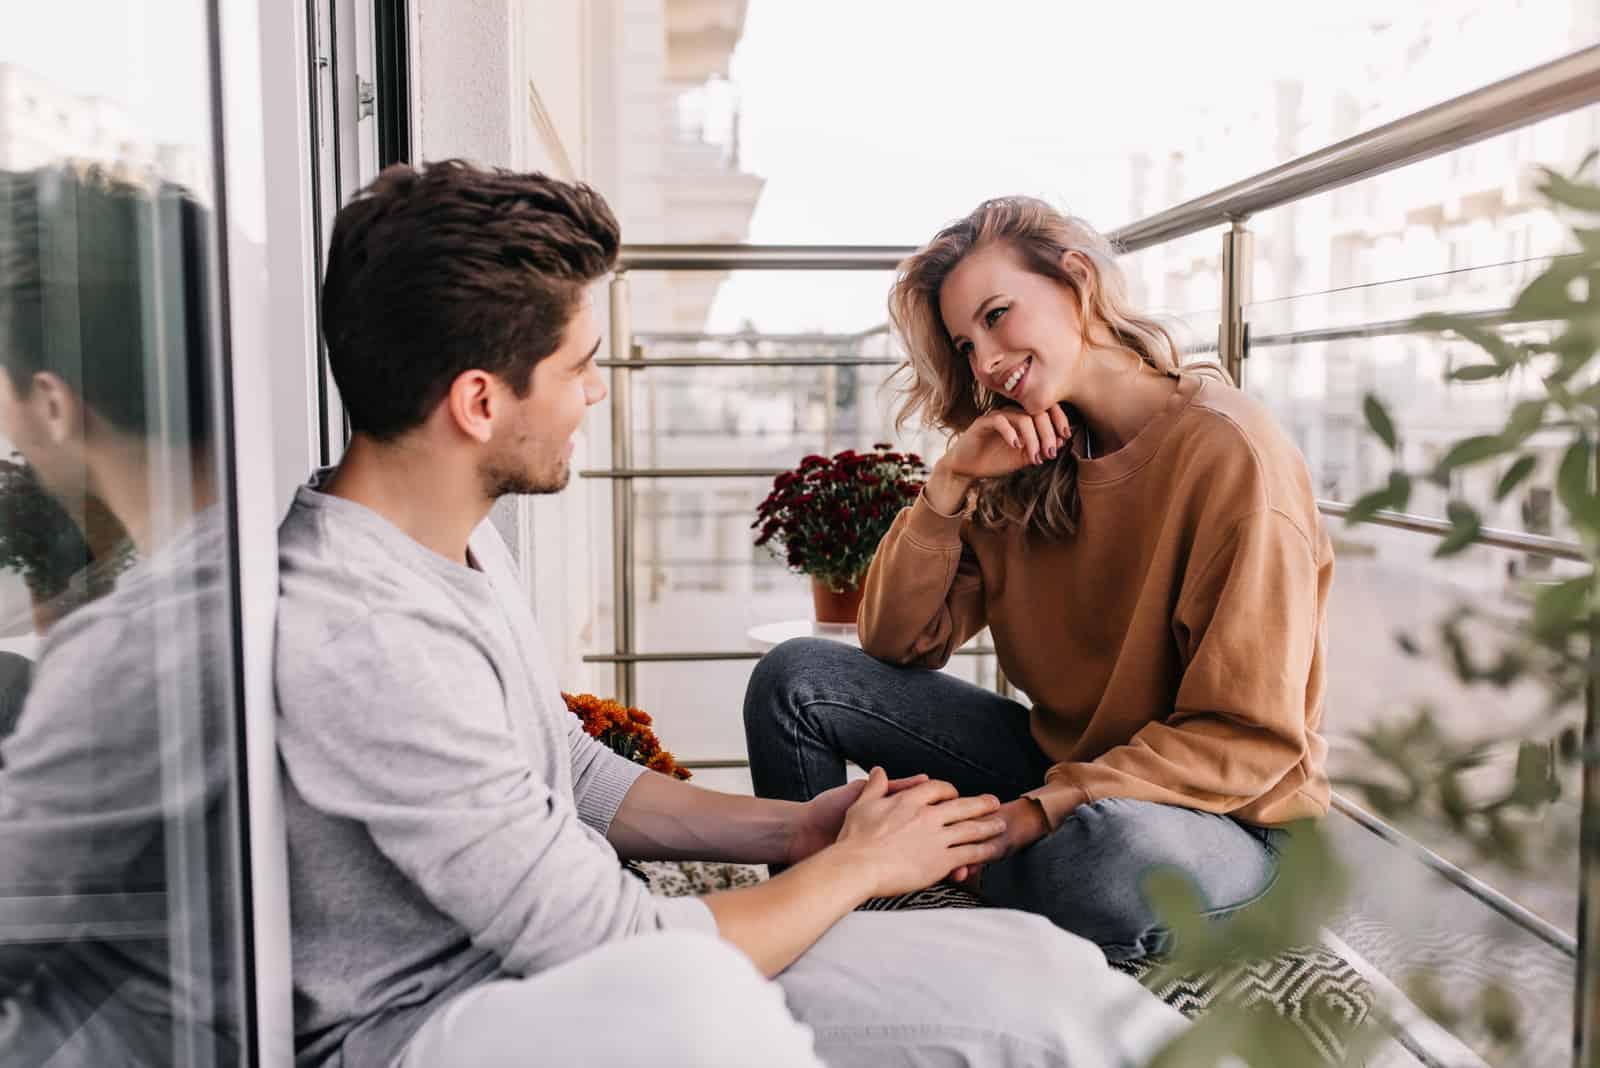 Verträumte junge Dame, die mit Freund am Balkon sitzt